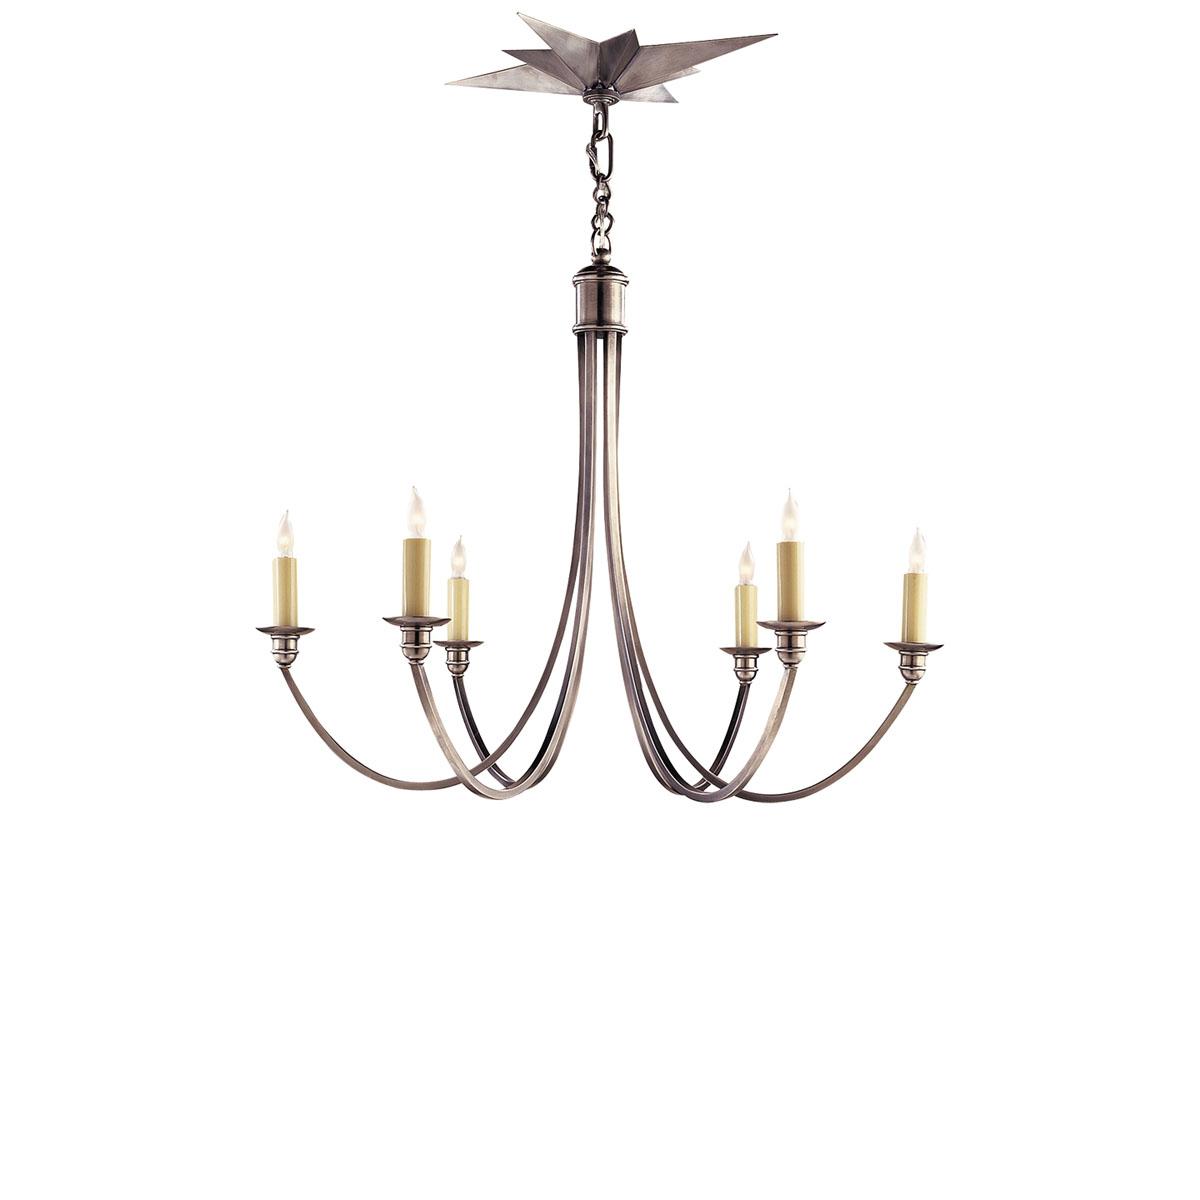 Visual Comfort Medium Venetian Chandeliers